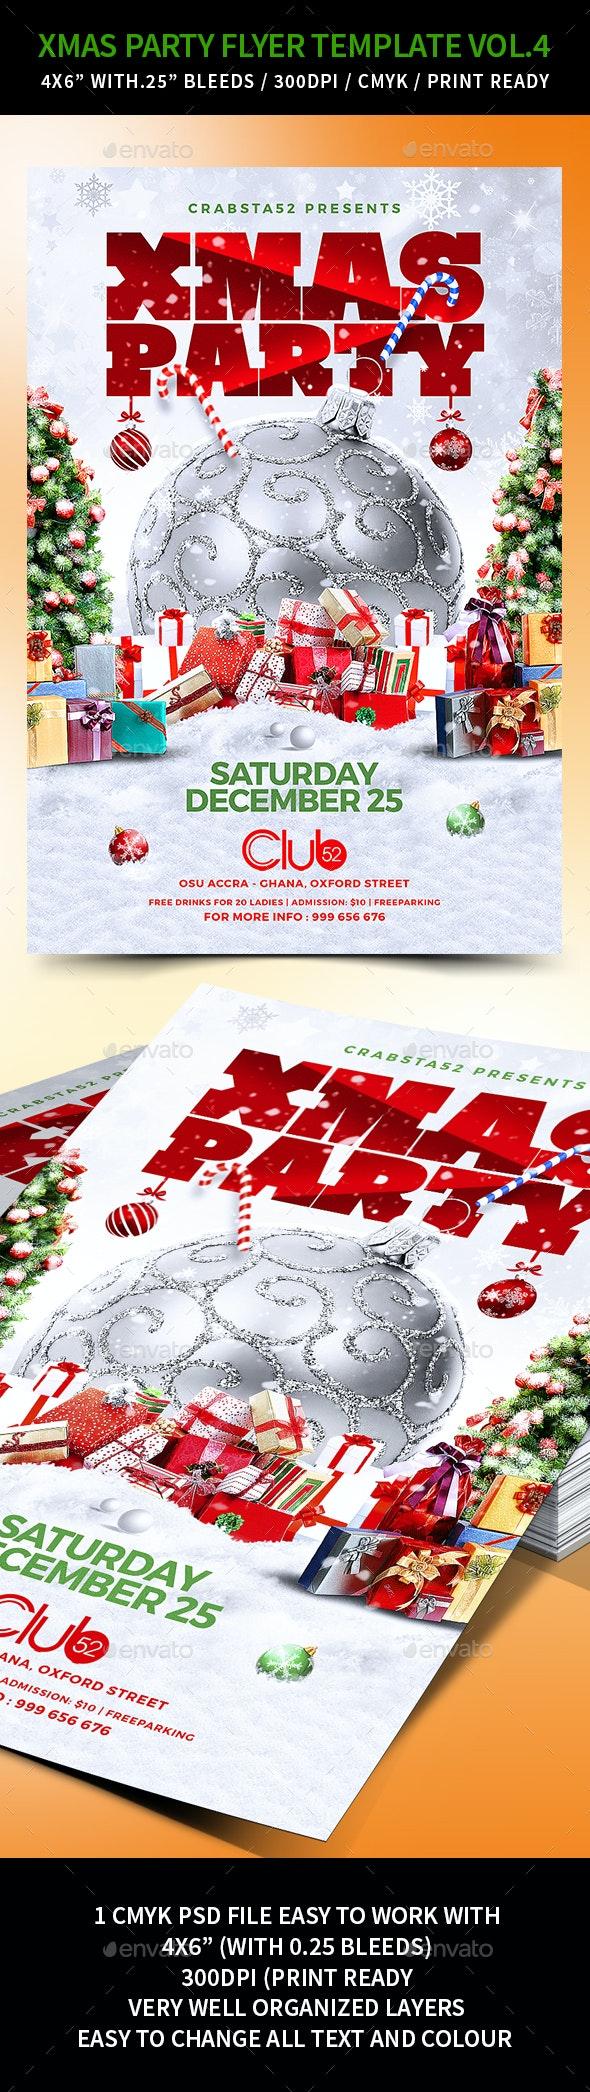 Xmas Party Flyer Template Vol.4 - Flyers Print Templates